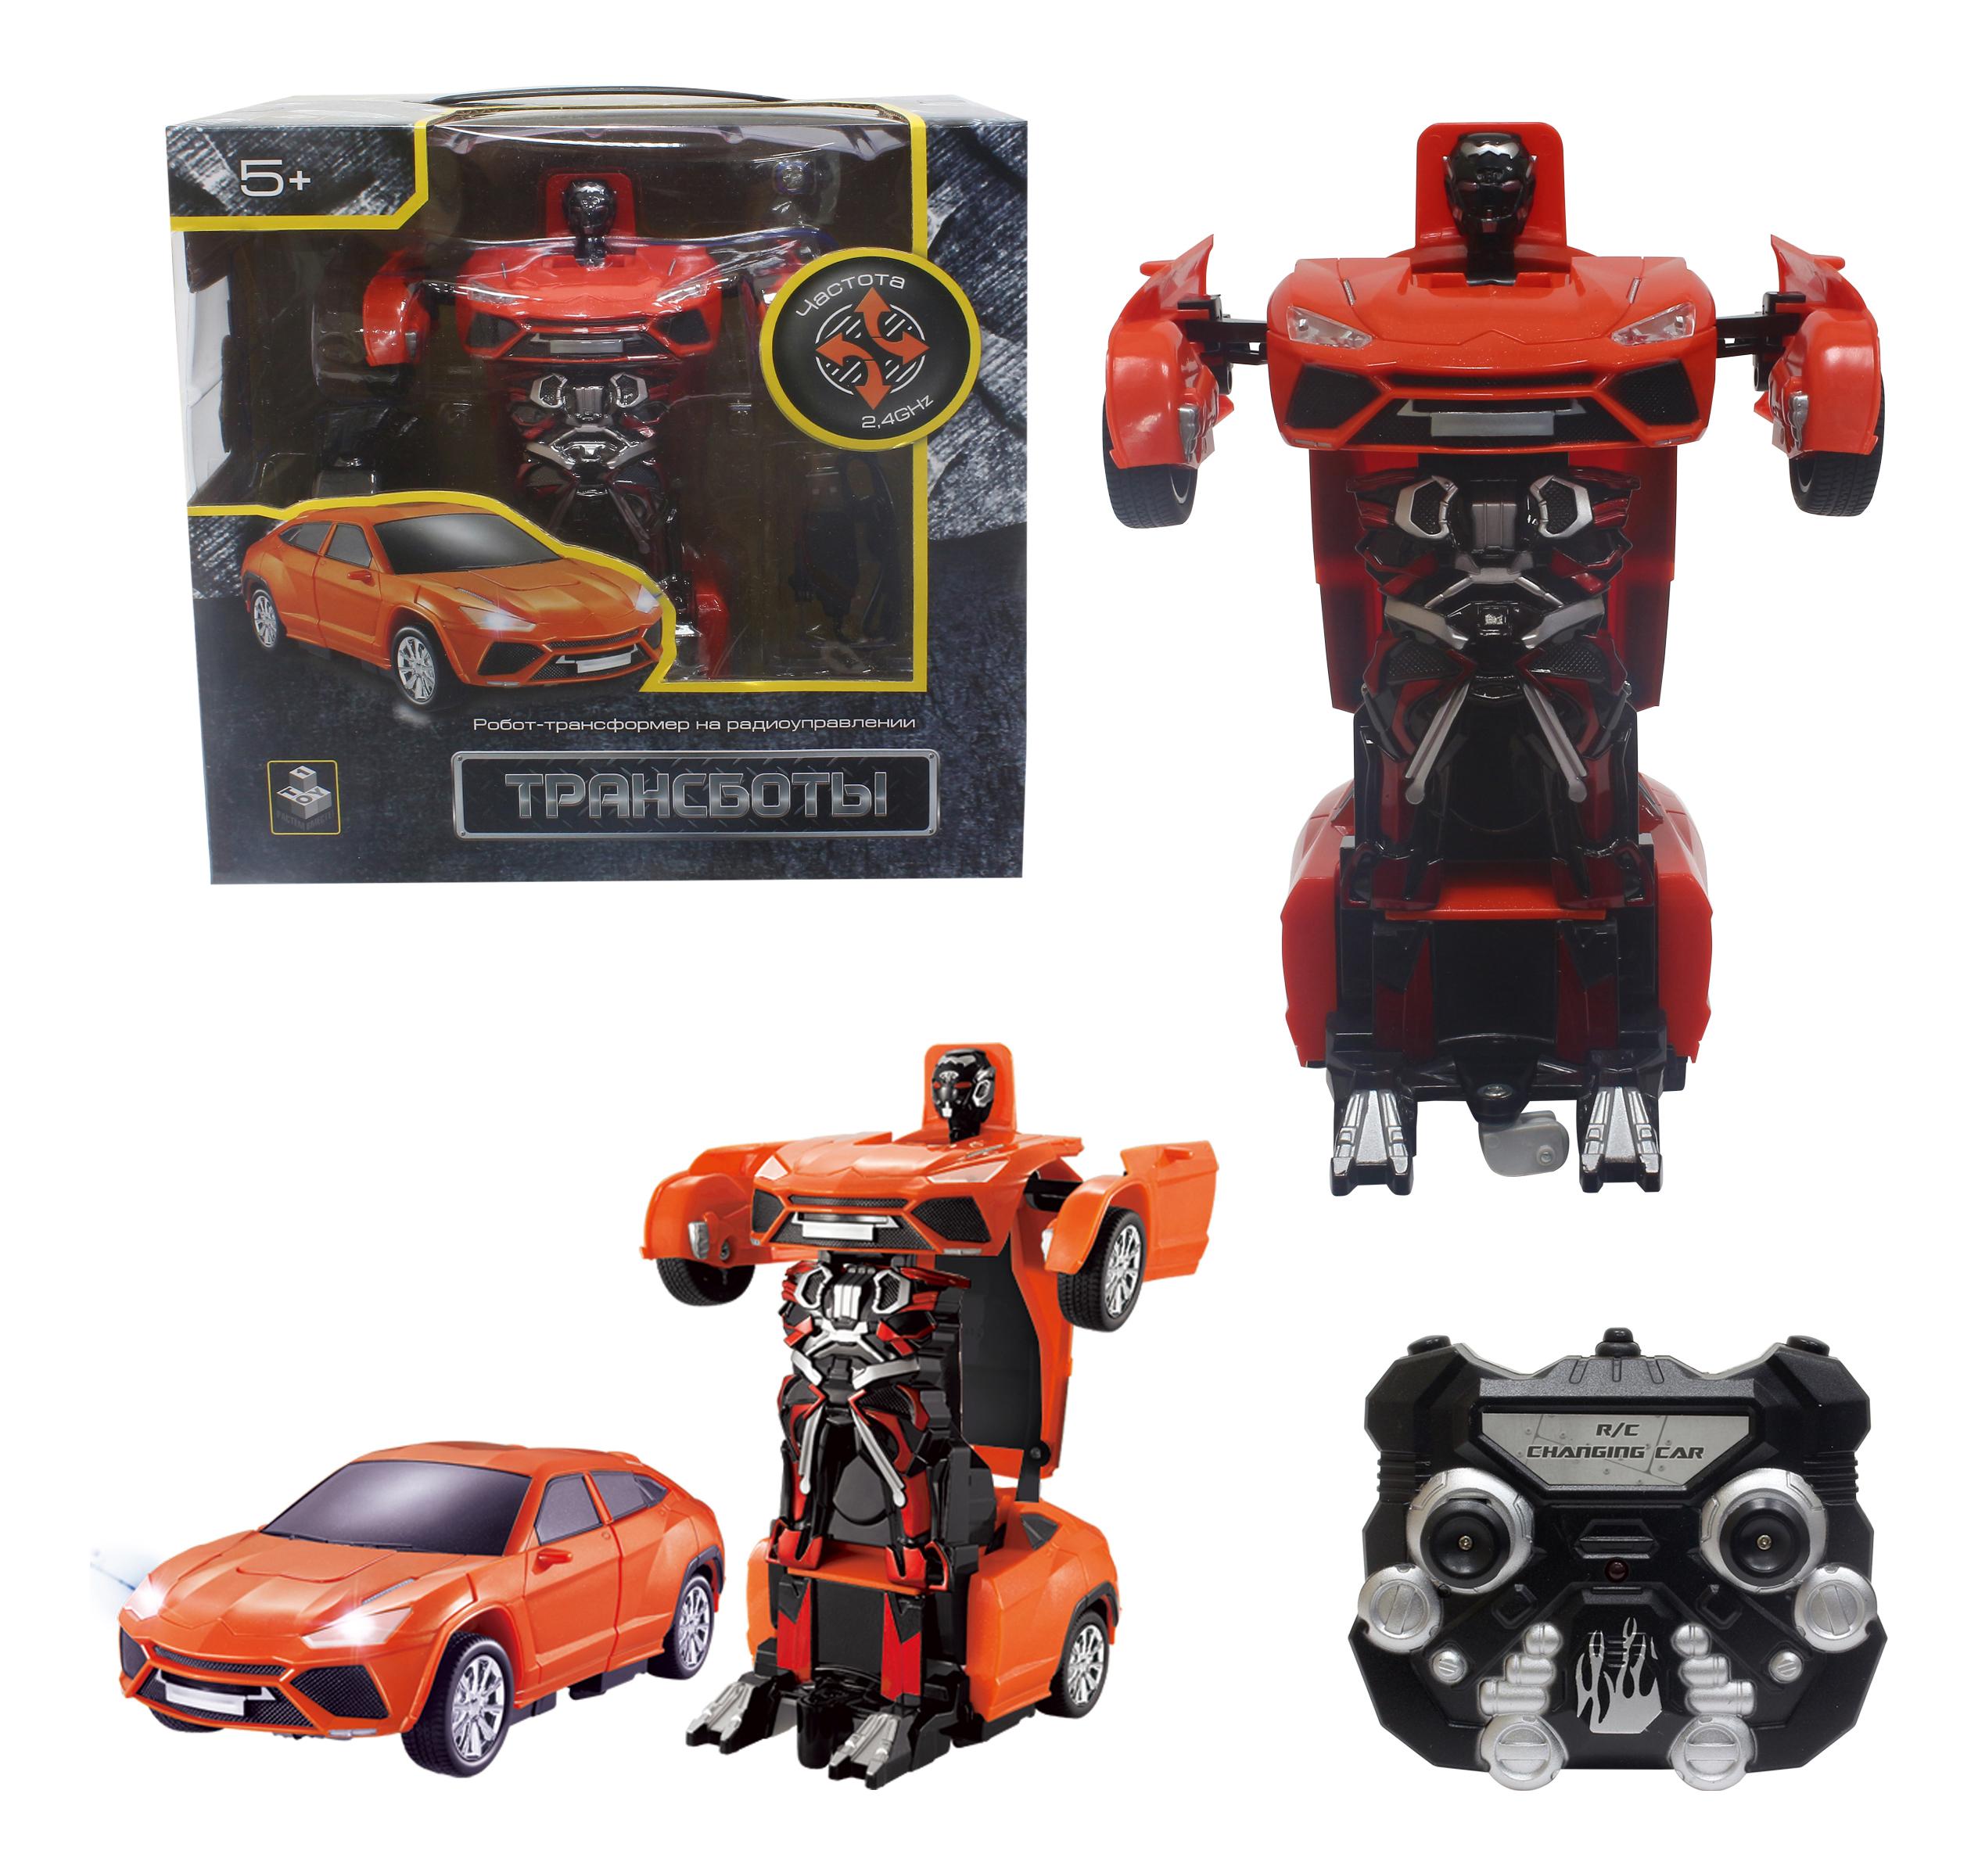 Купить Радиоуправляемый робот 1TOY Трансбот красный, 1 TOY, Радиоуправляемые роботы